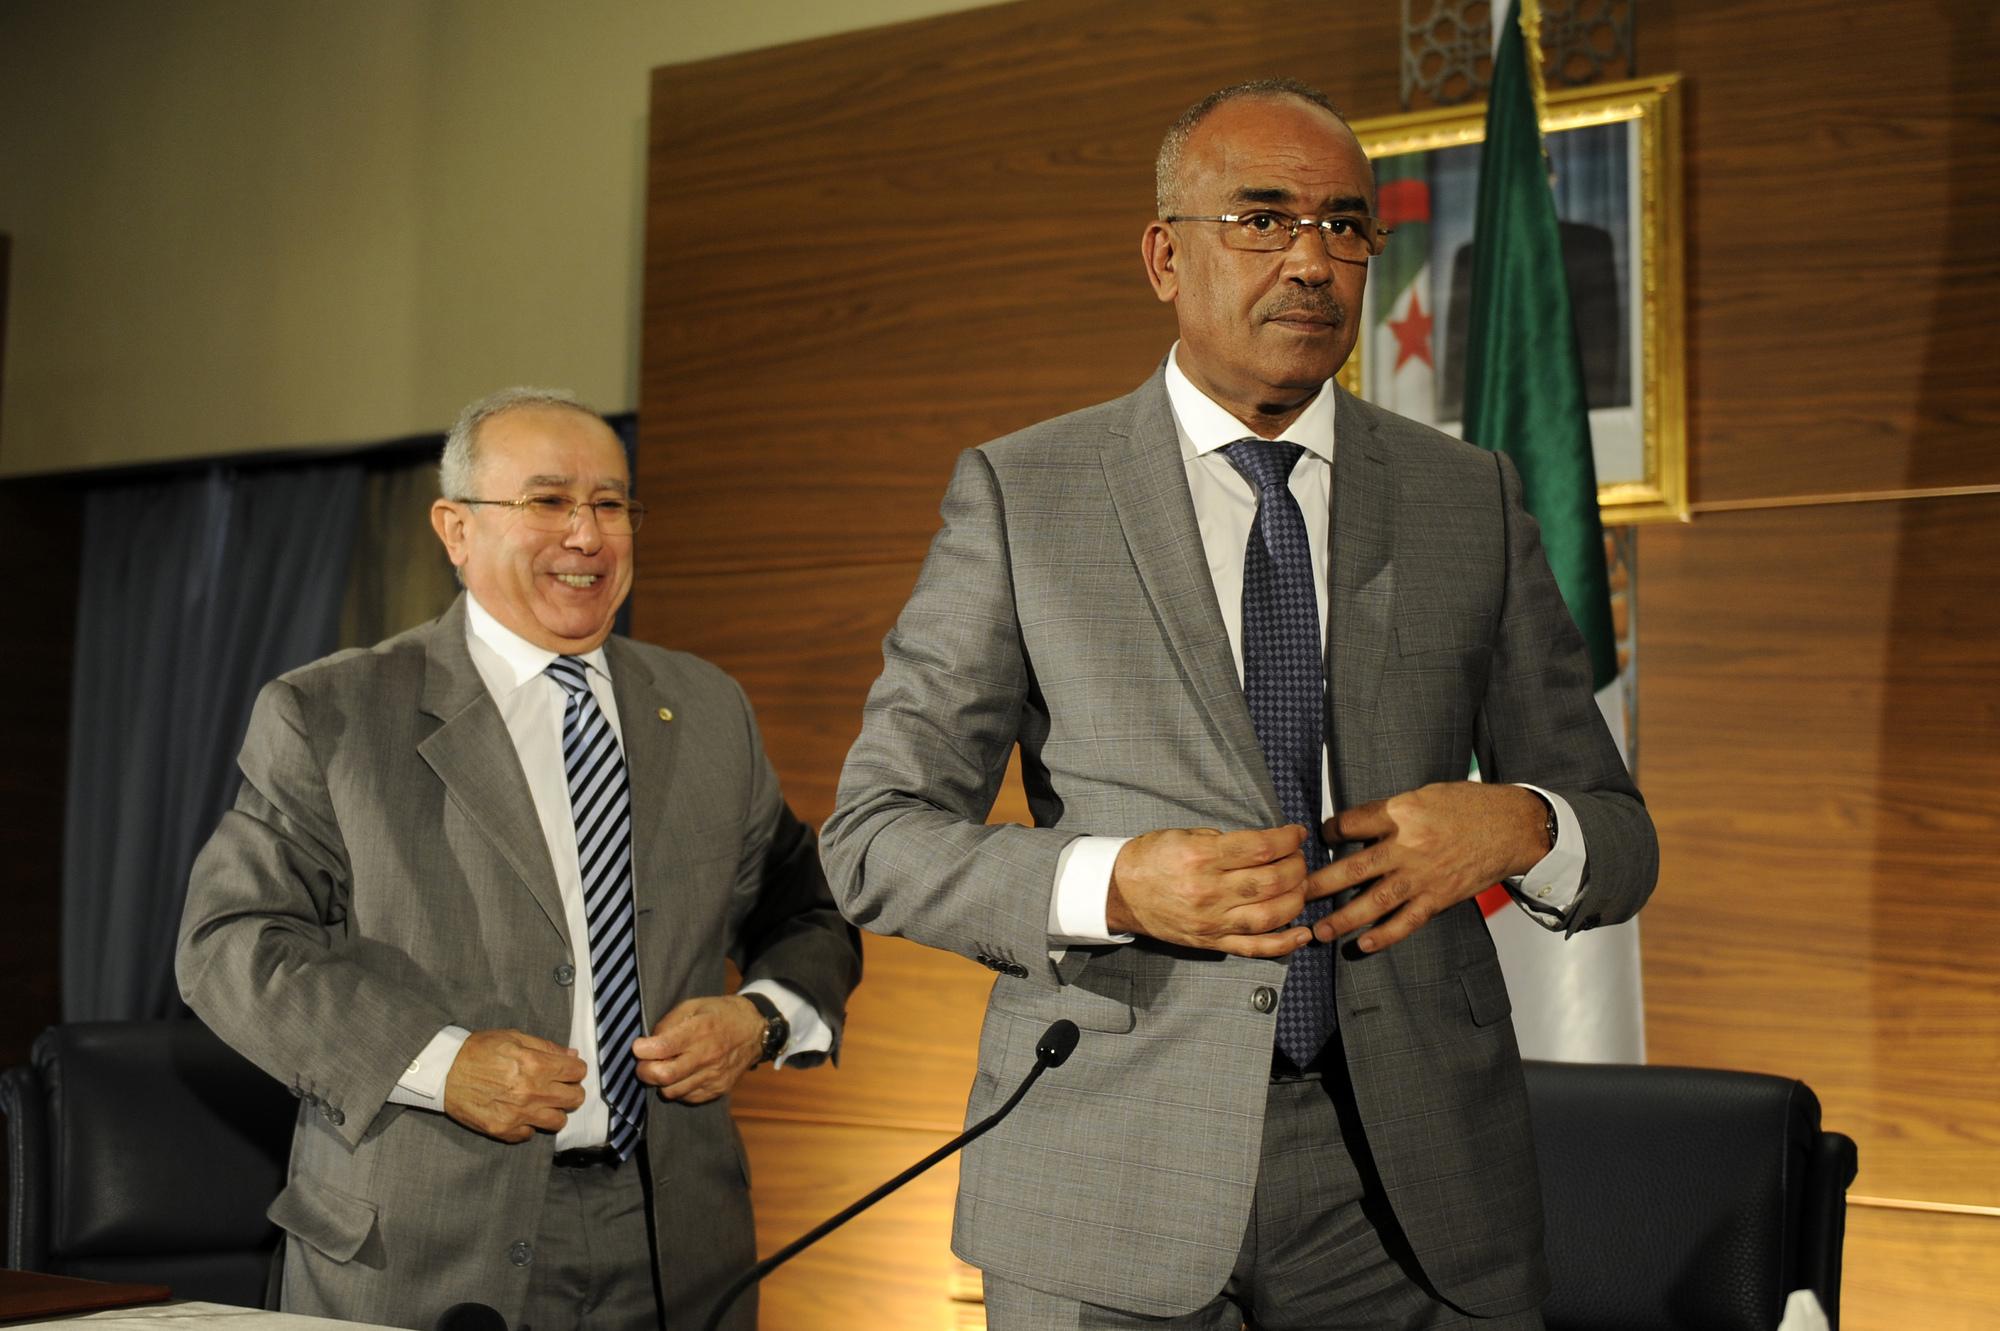 Le nouveau Premier ministre, Nouredine Bedoui, et son Vice-Premier ministre Ramtane Lamamra, lors d'une conférence de presse organisée jeudi 14 mars 2019 à Alger.